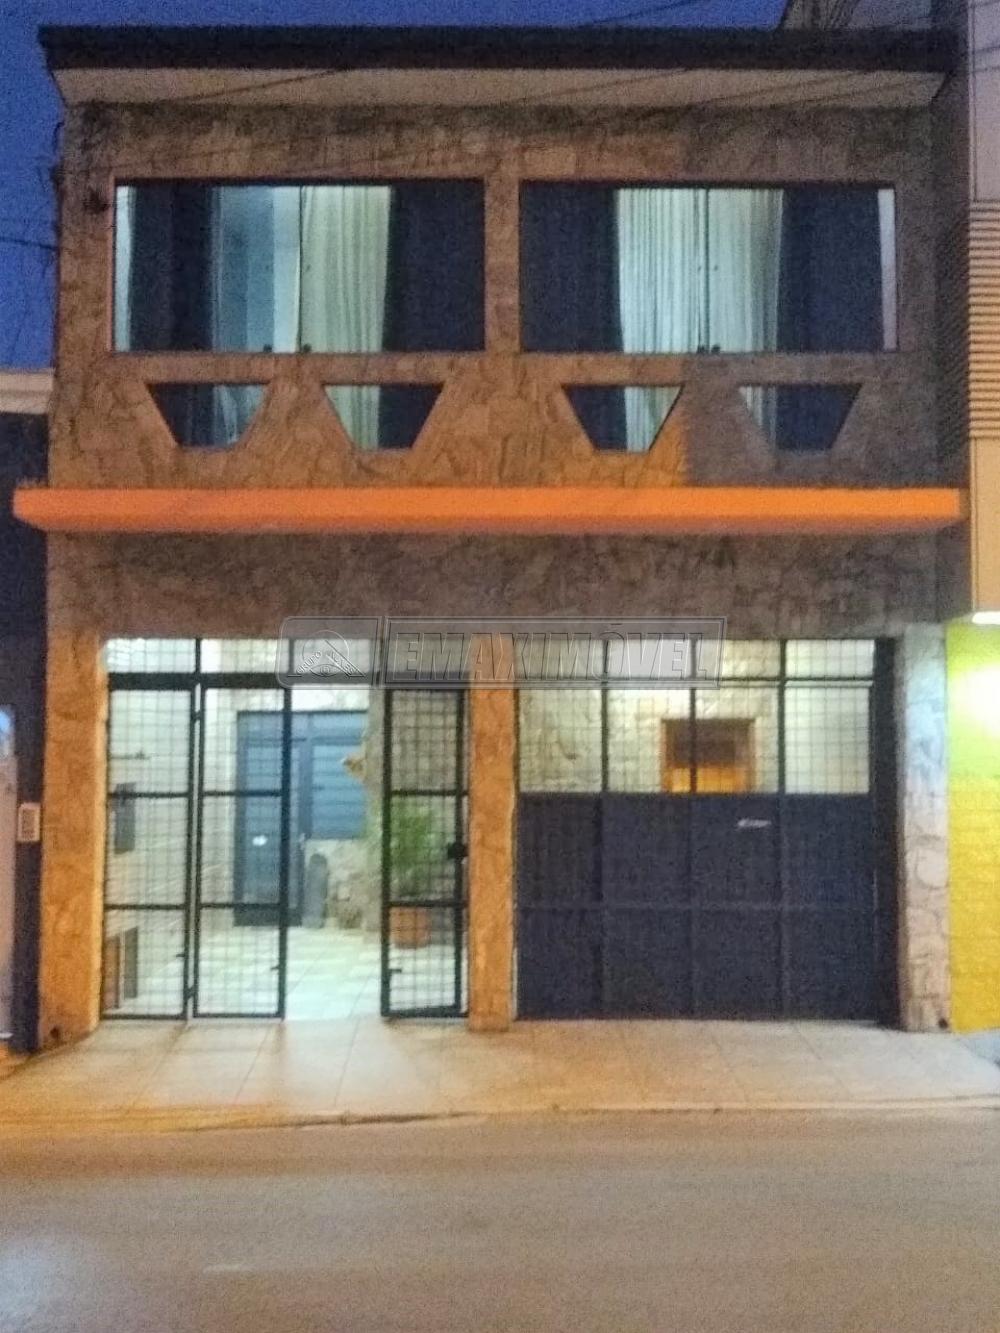 Comprar Casas / em Bairros em Sorocaba apenas R$ 1.120.000,00 - Foto 1